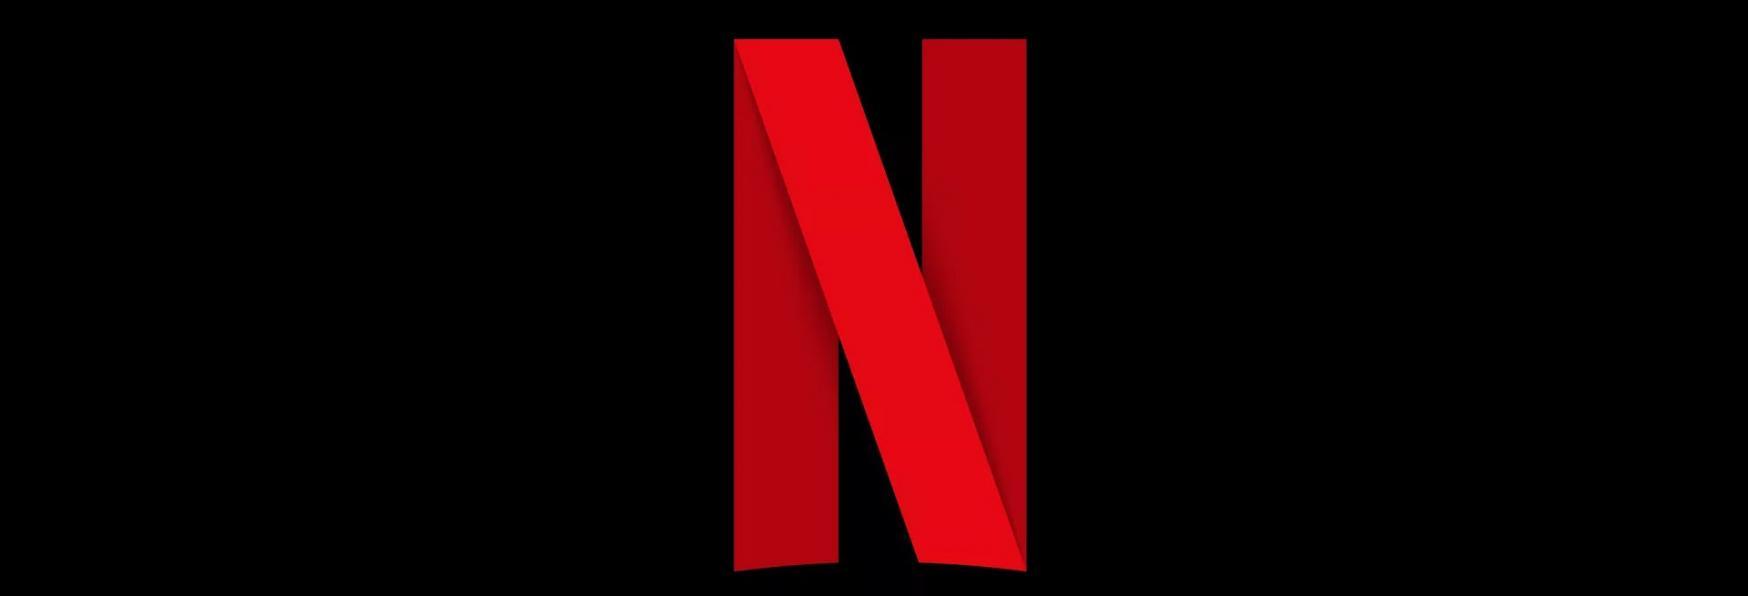 Netflix annuncia la Lineup di TUDUM, il prossimo Evento che coinvolgerà più di 70 Titoli Originali